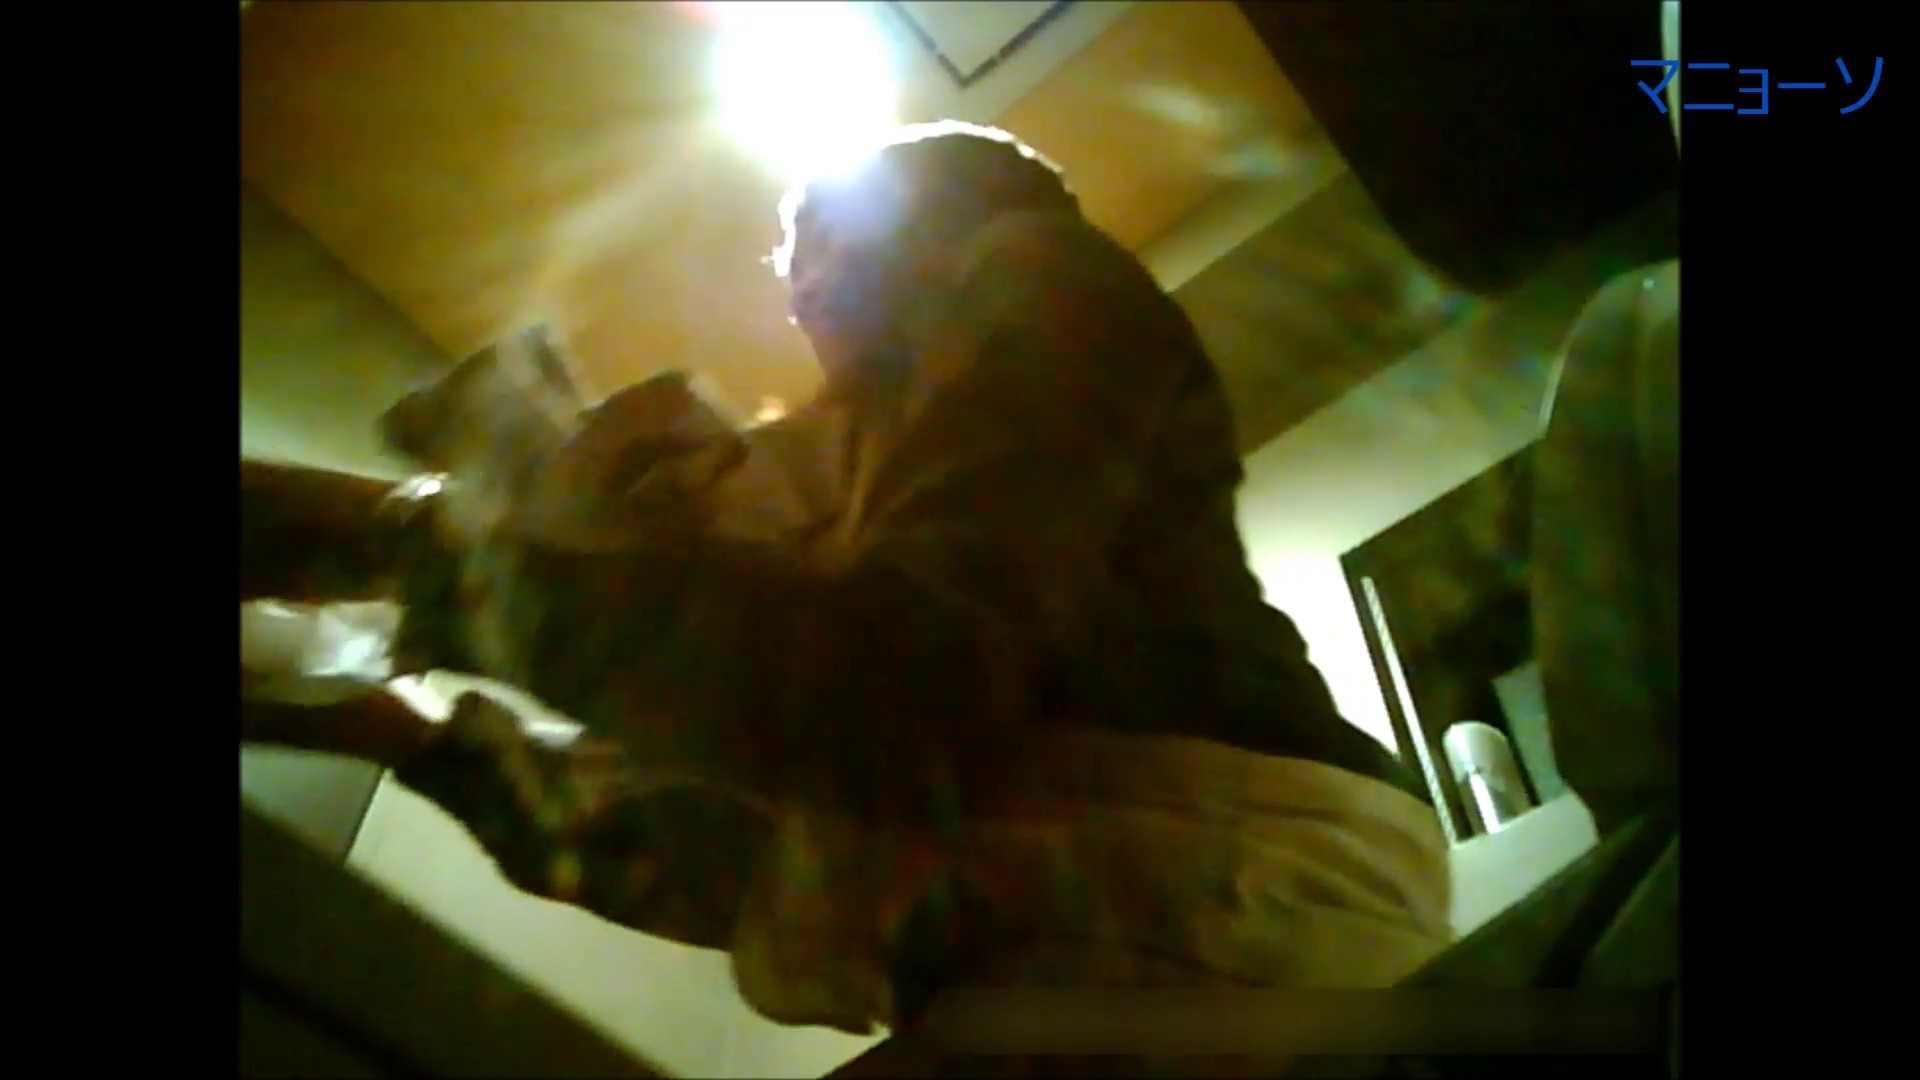 トイレでひと肌脱いでもらいました (JD編)Vol.01 トイレ中 | OL  67連発 48